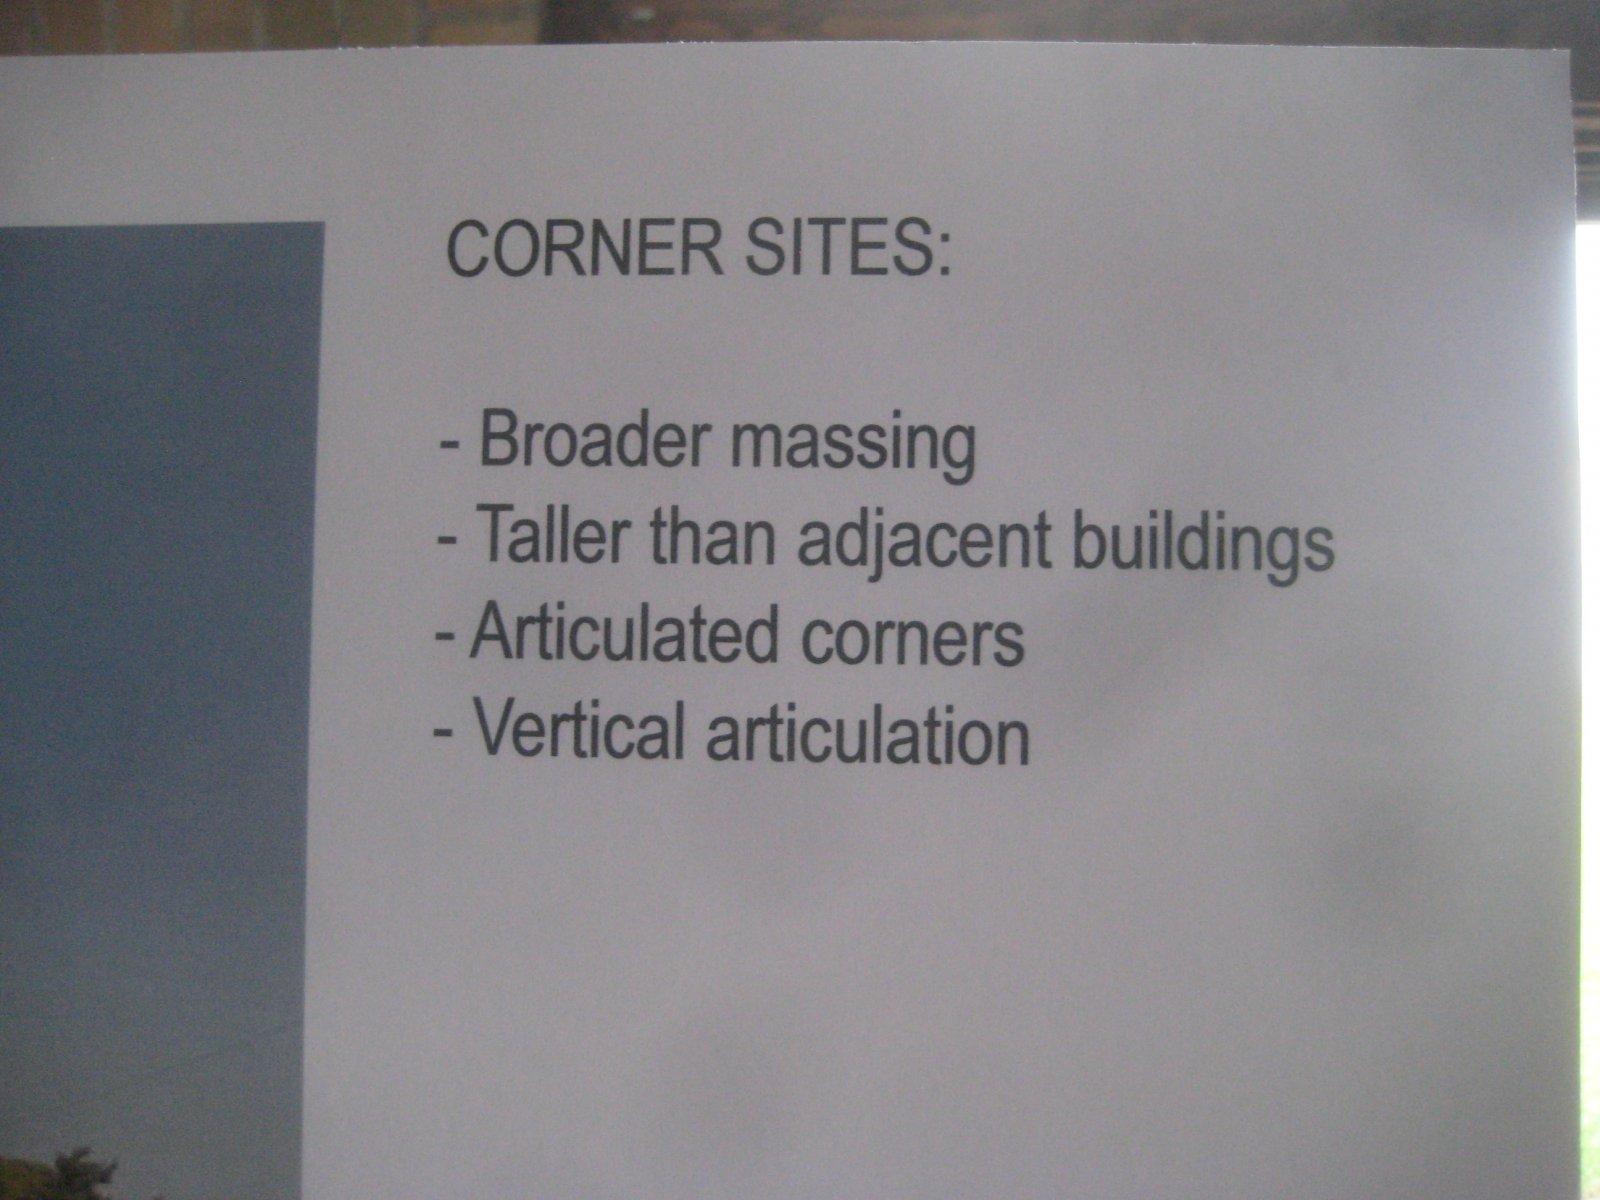 Corner sites